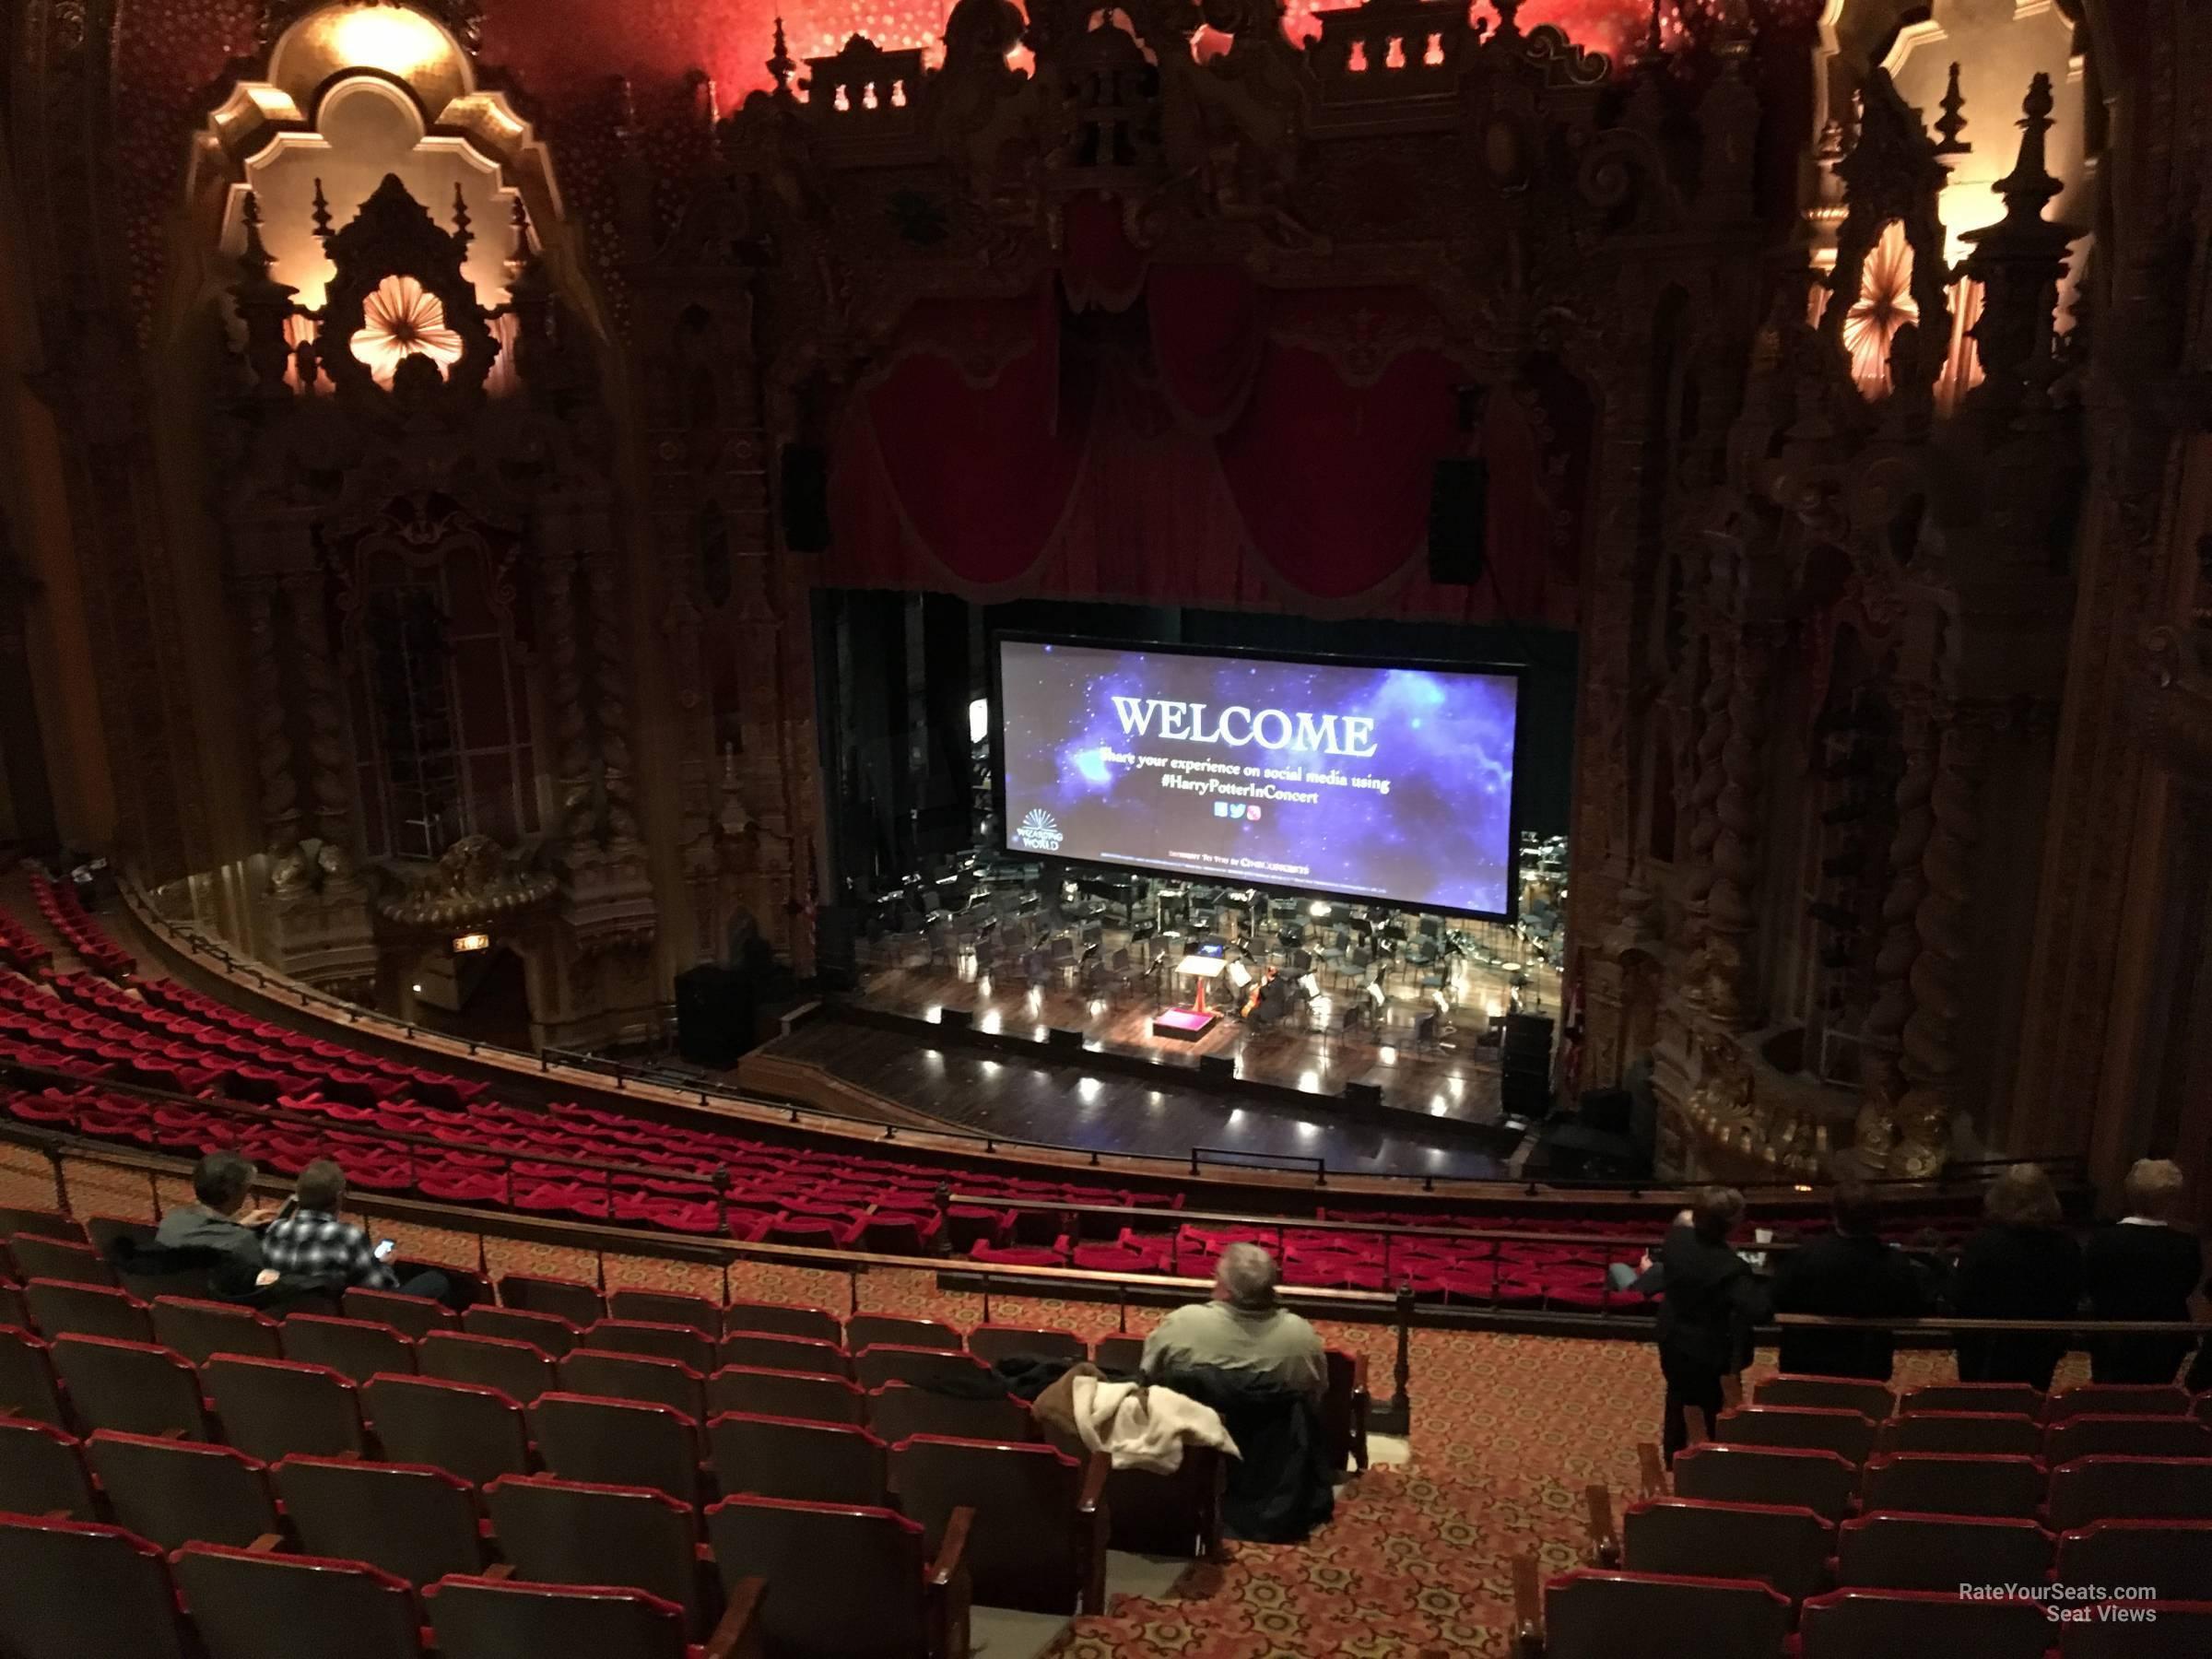 Mezzanine A seat view